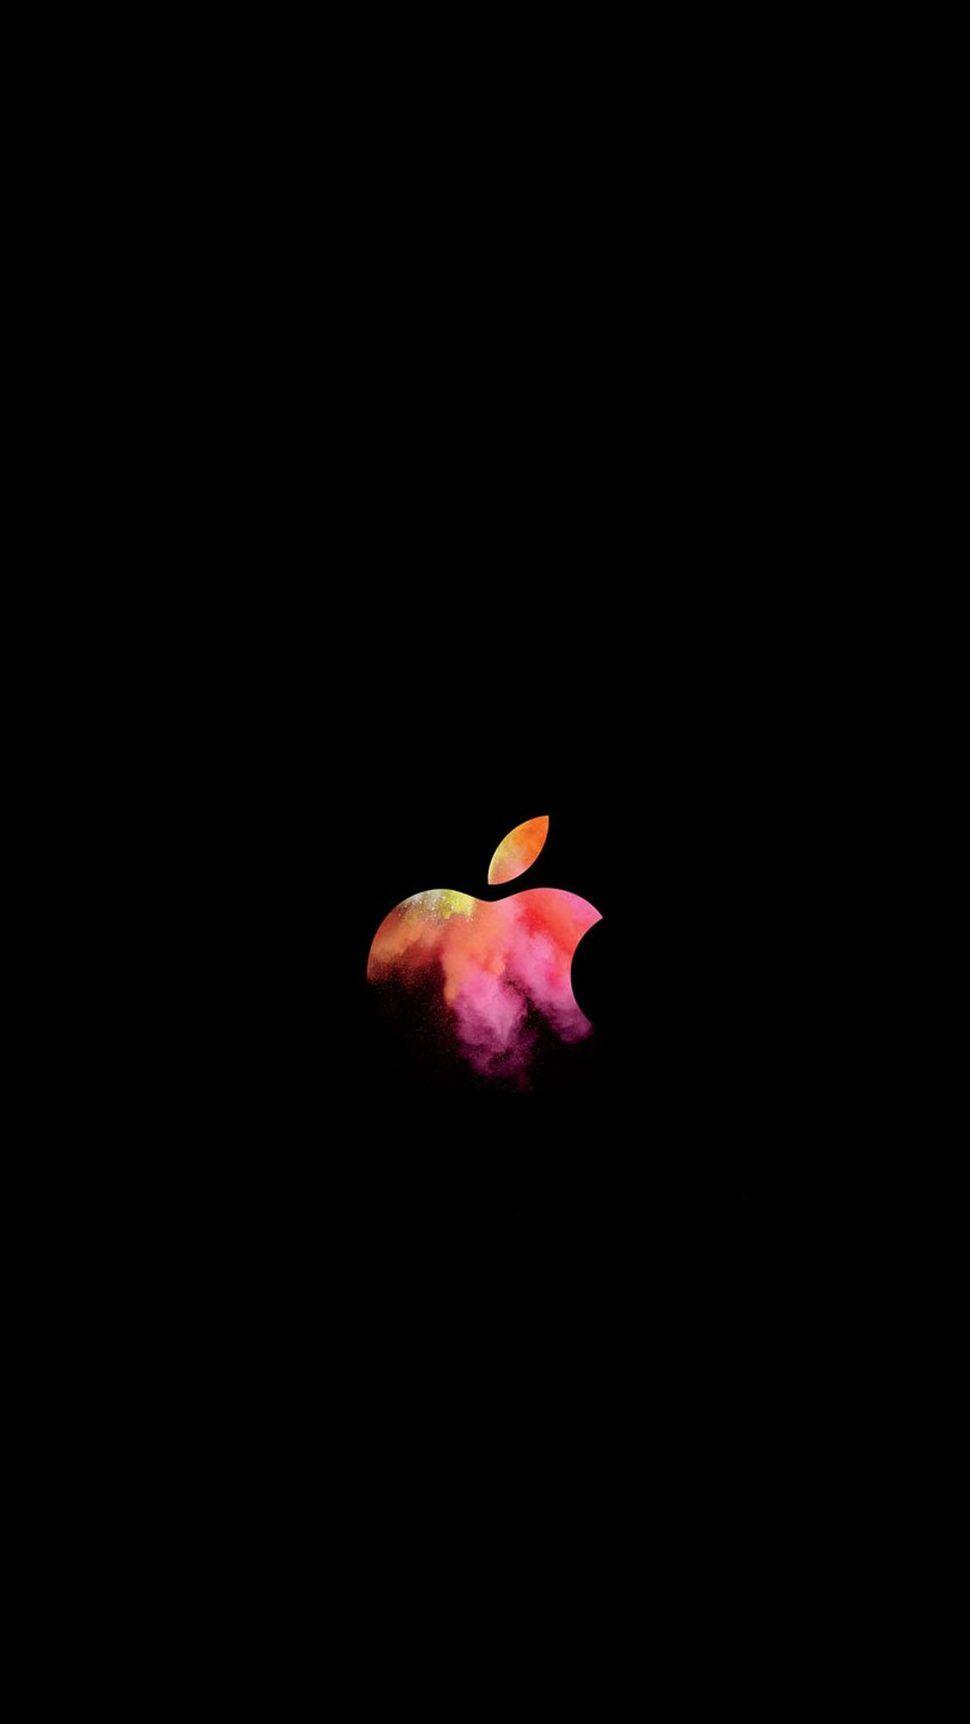 27+ Apple wallpaper hd download HD